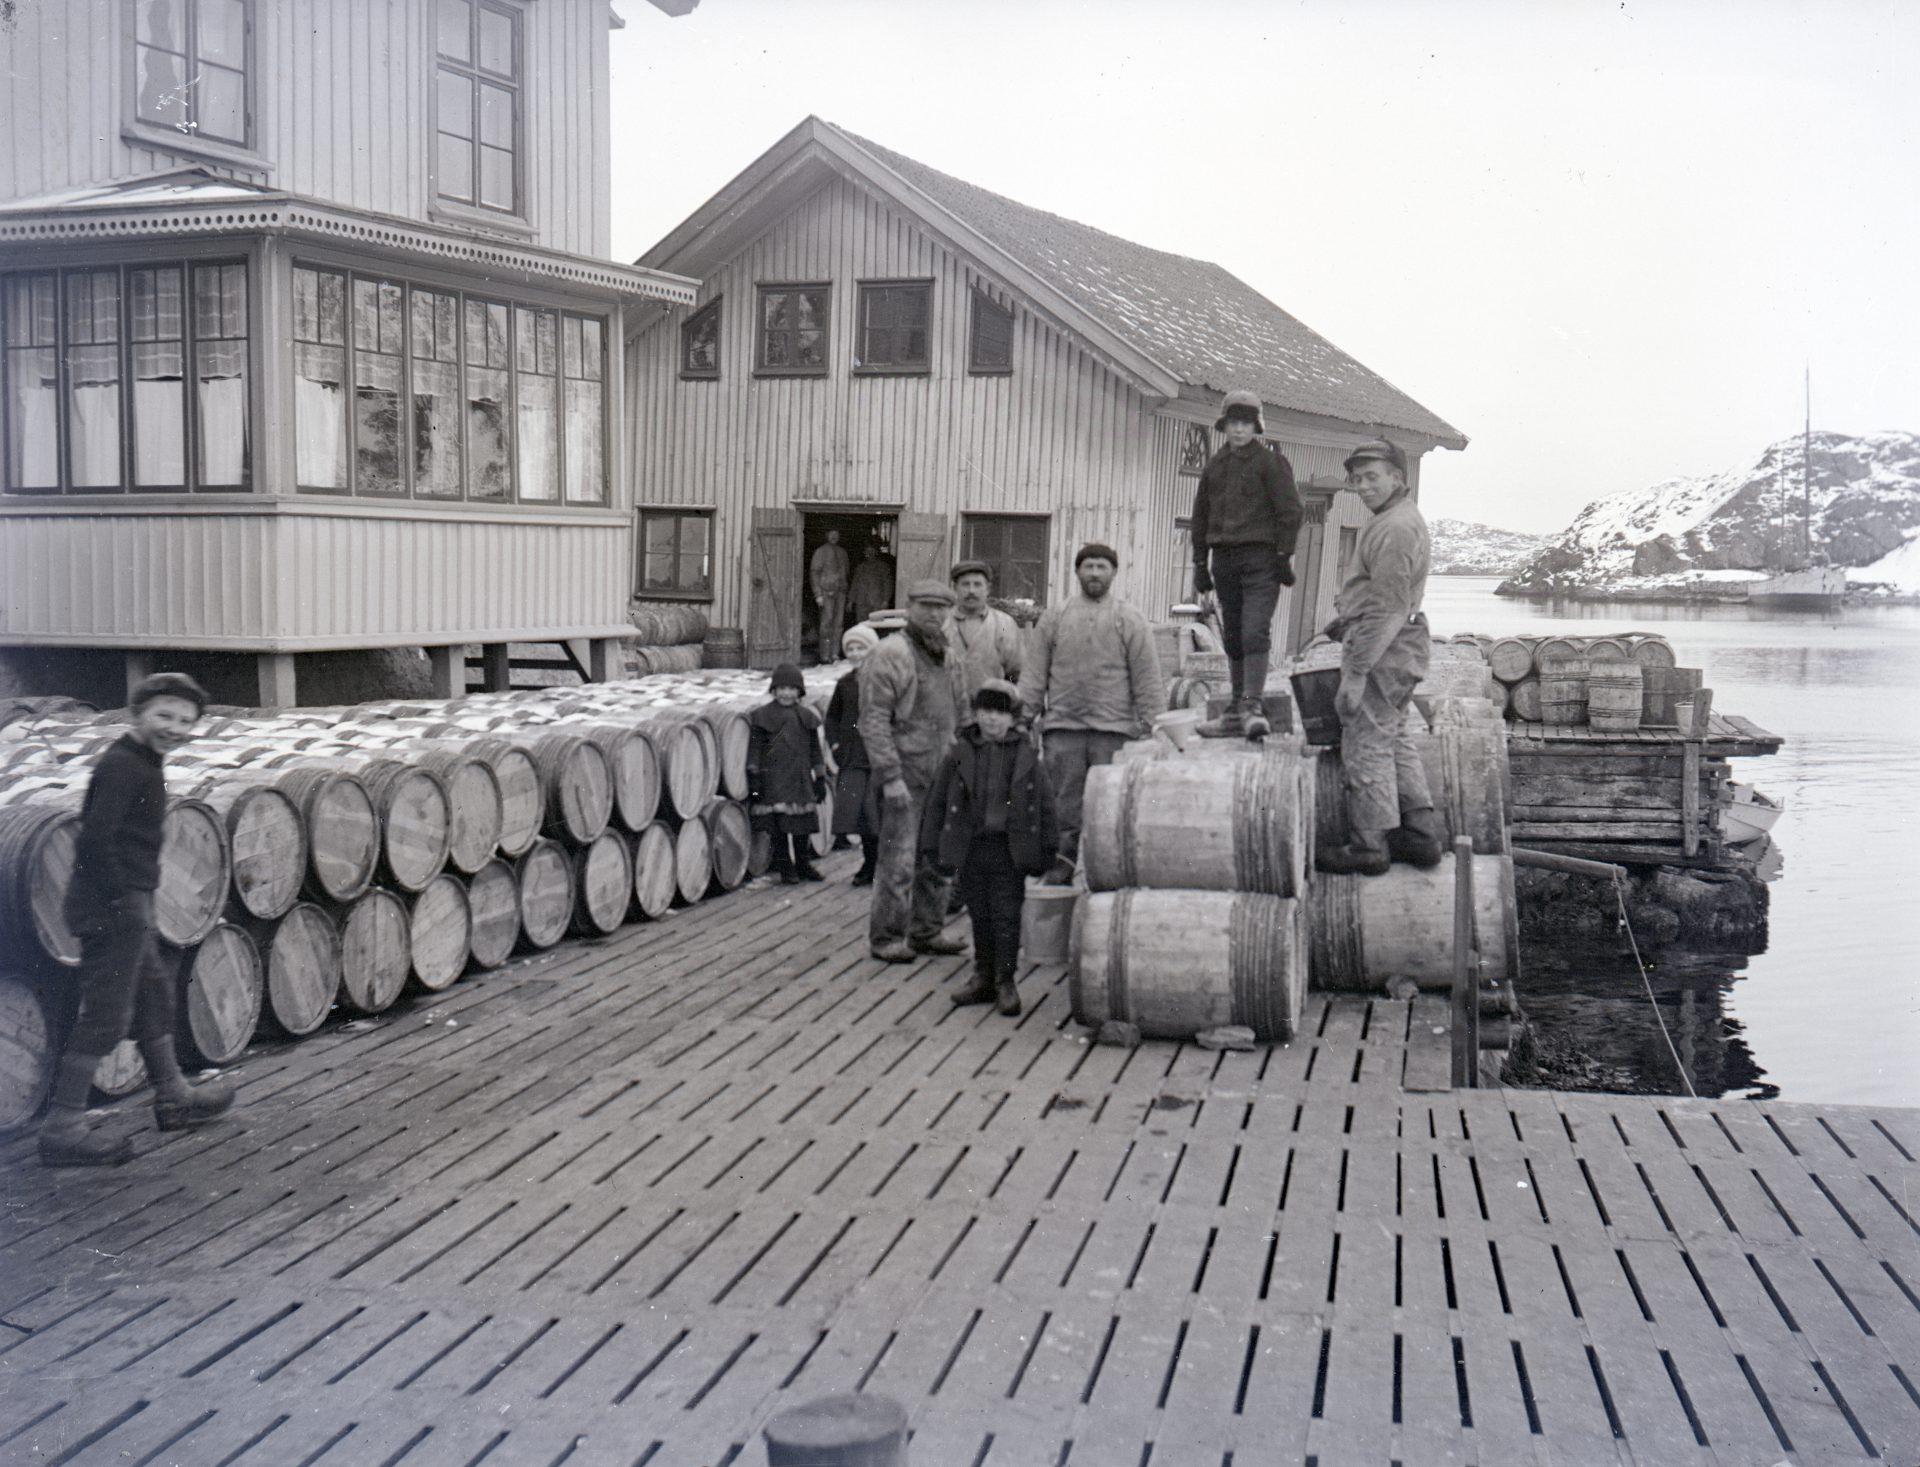 Svartvitt foto av män och pojkar på en brygga. På bryggan ligger tunnor och i bakgrunden syns två hus.